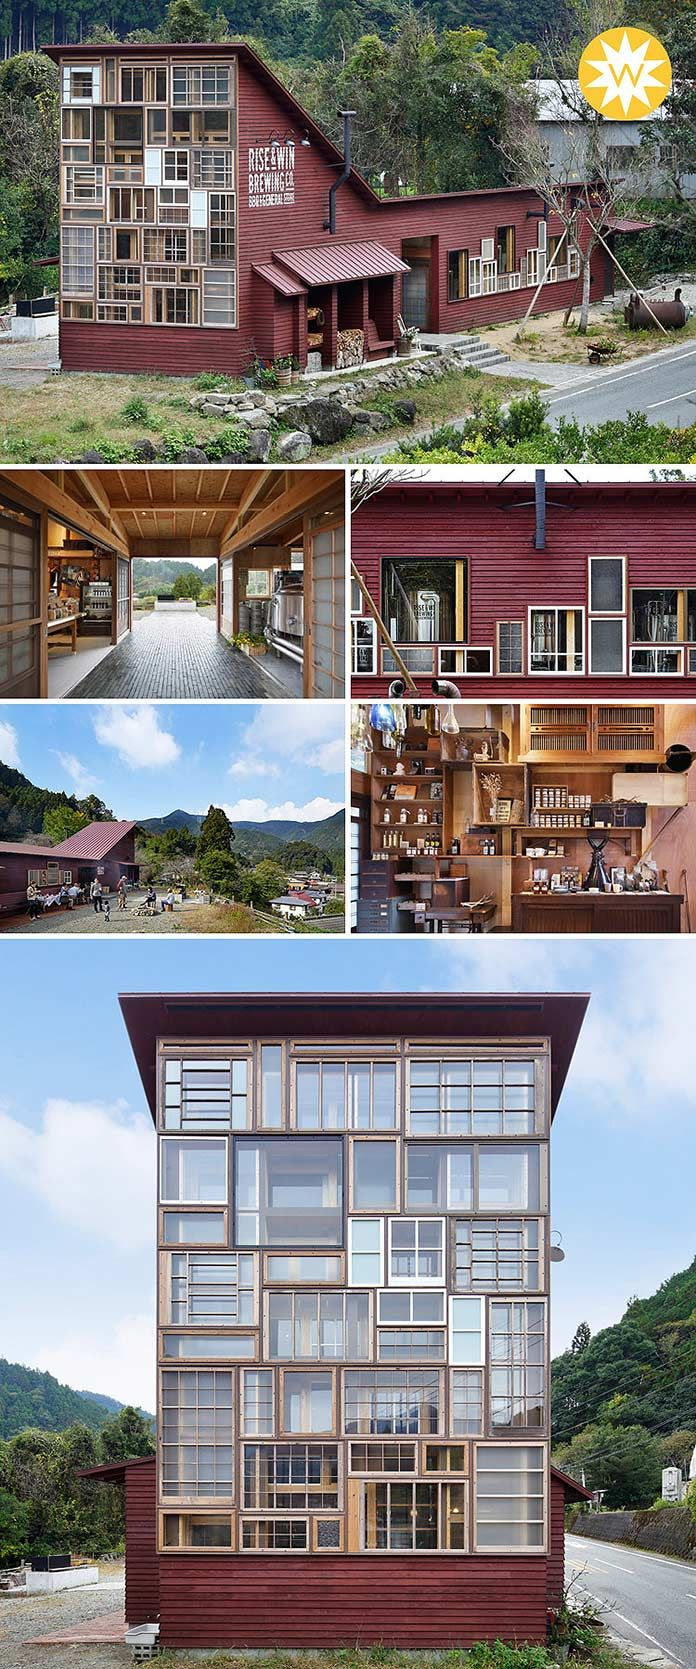 Entièrement réalisé en matériaux de récupération, le nouveau bar de Kamikatsu est une réussite tant écologique qu'architecturale : il a d'ailleurs reçu le « WAN Award 2016 » qui récompense les meilleurs bâtiments s'inscrivant dans une démarche durable à travers le monde.